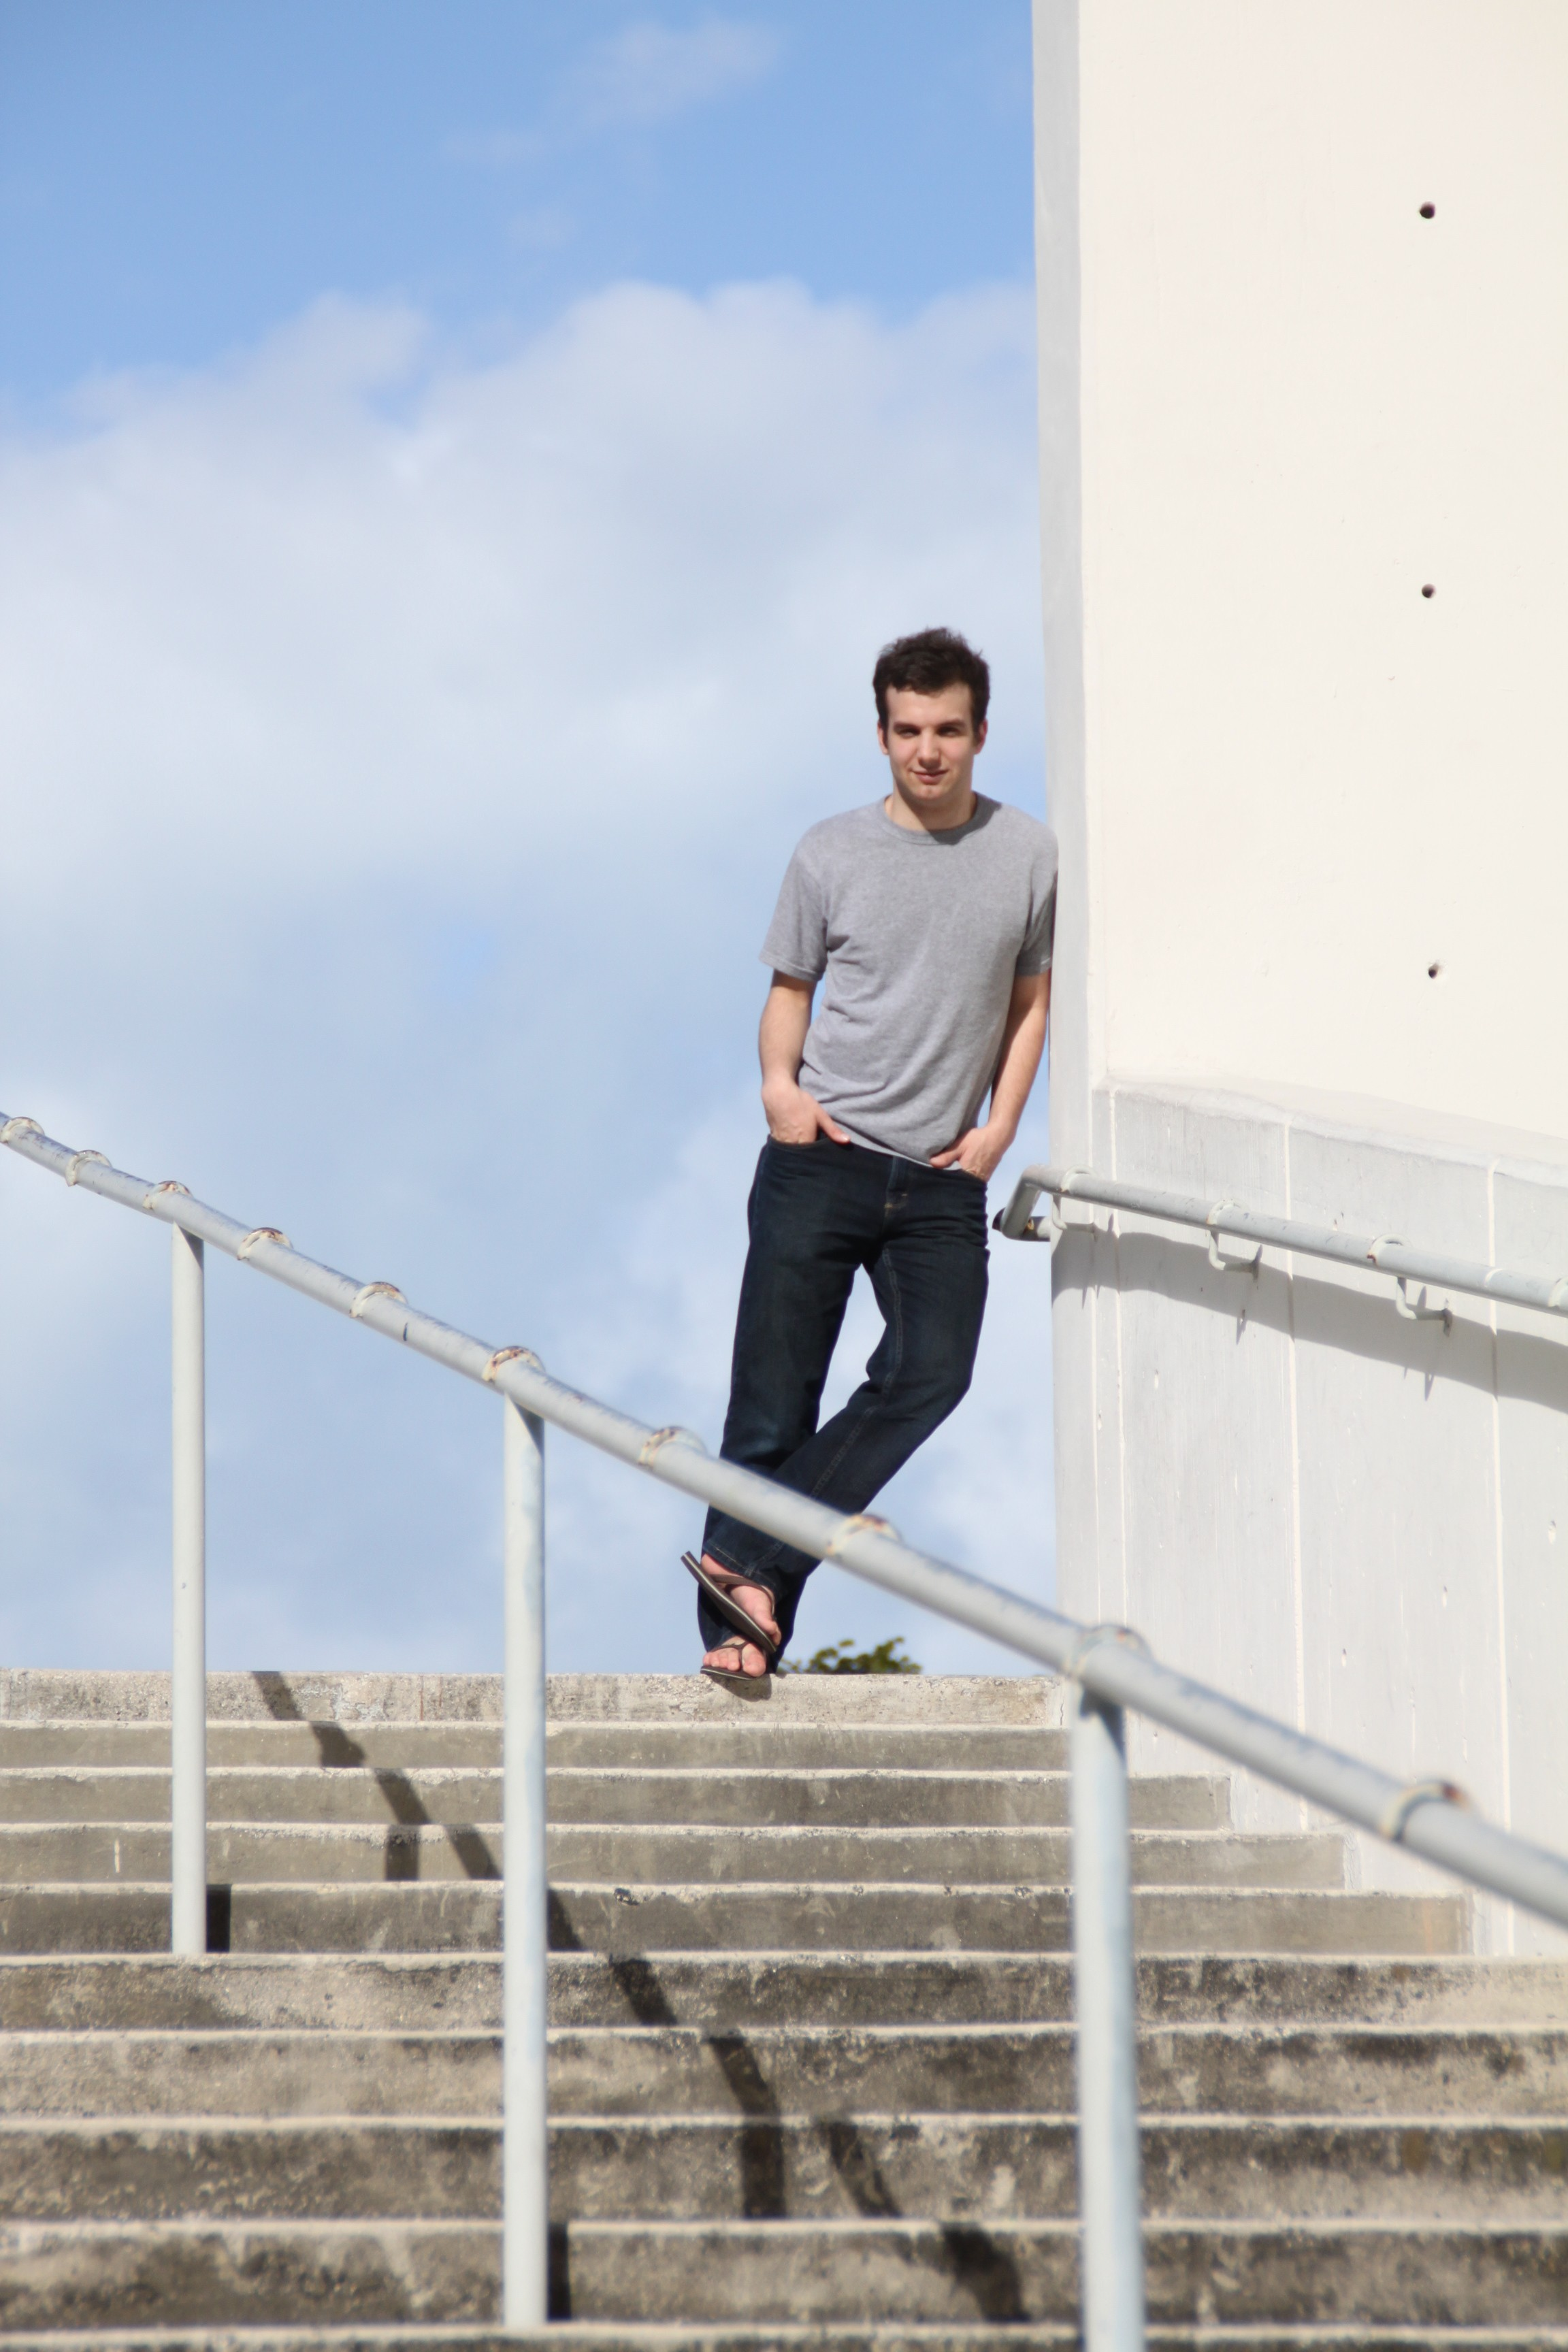 Michael Westin pose at Bayfront Park